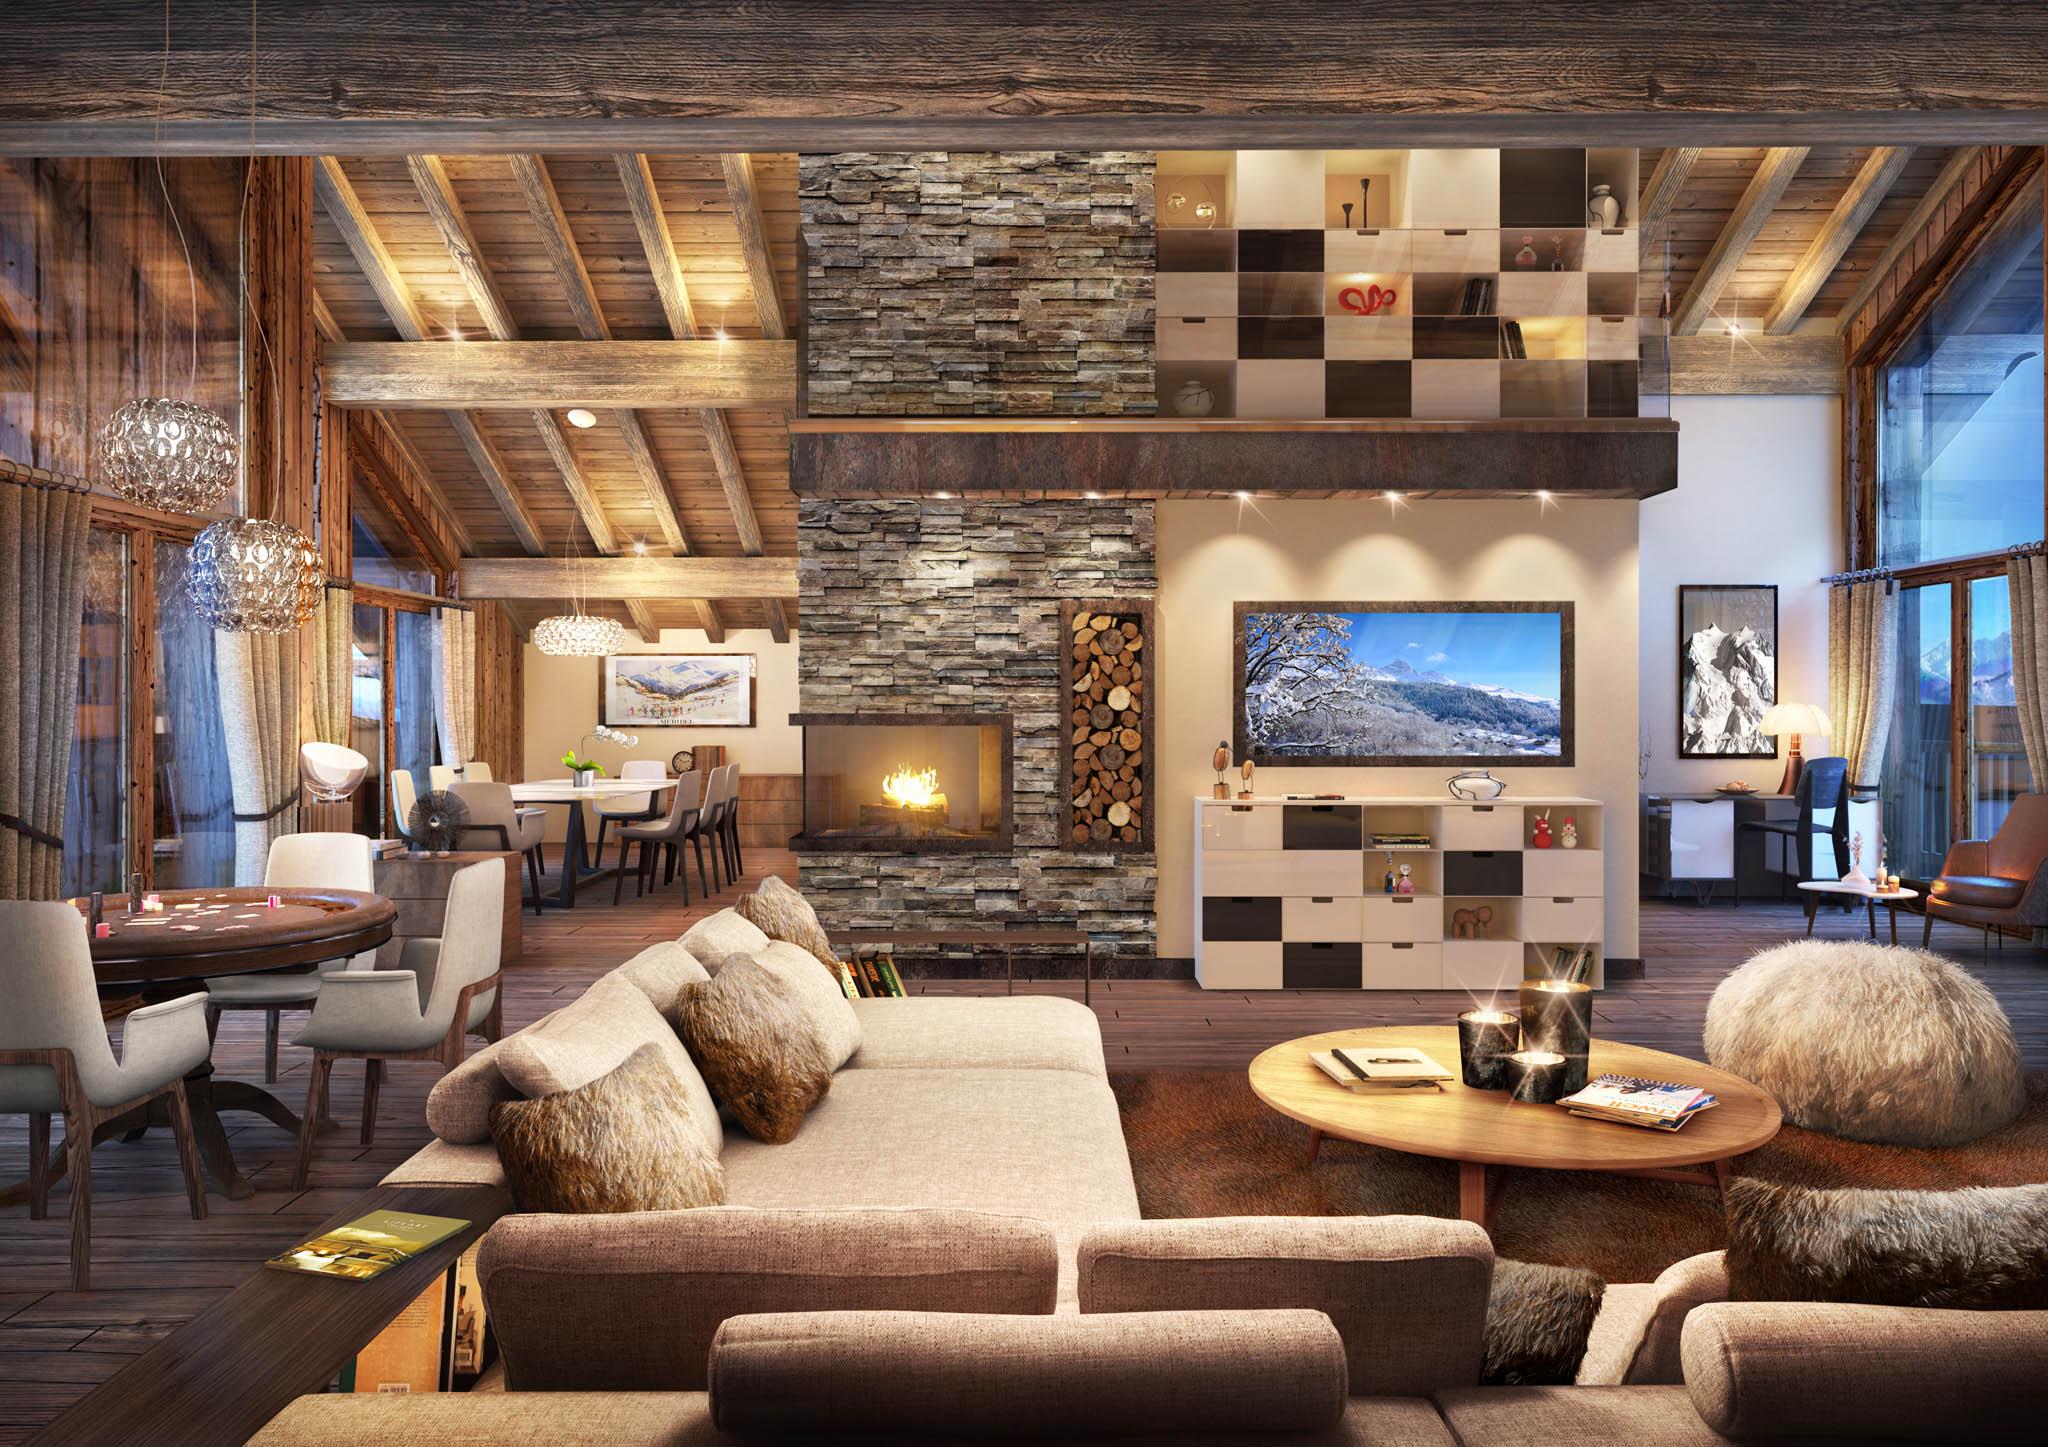 3d d appartements et de chalets la montagne toutela3d com. Black Bedroom Furniture Sets. Home Design Ideas